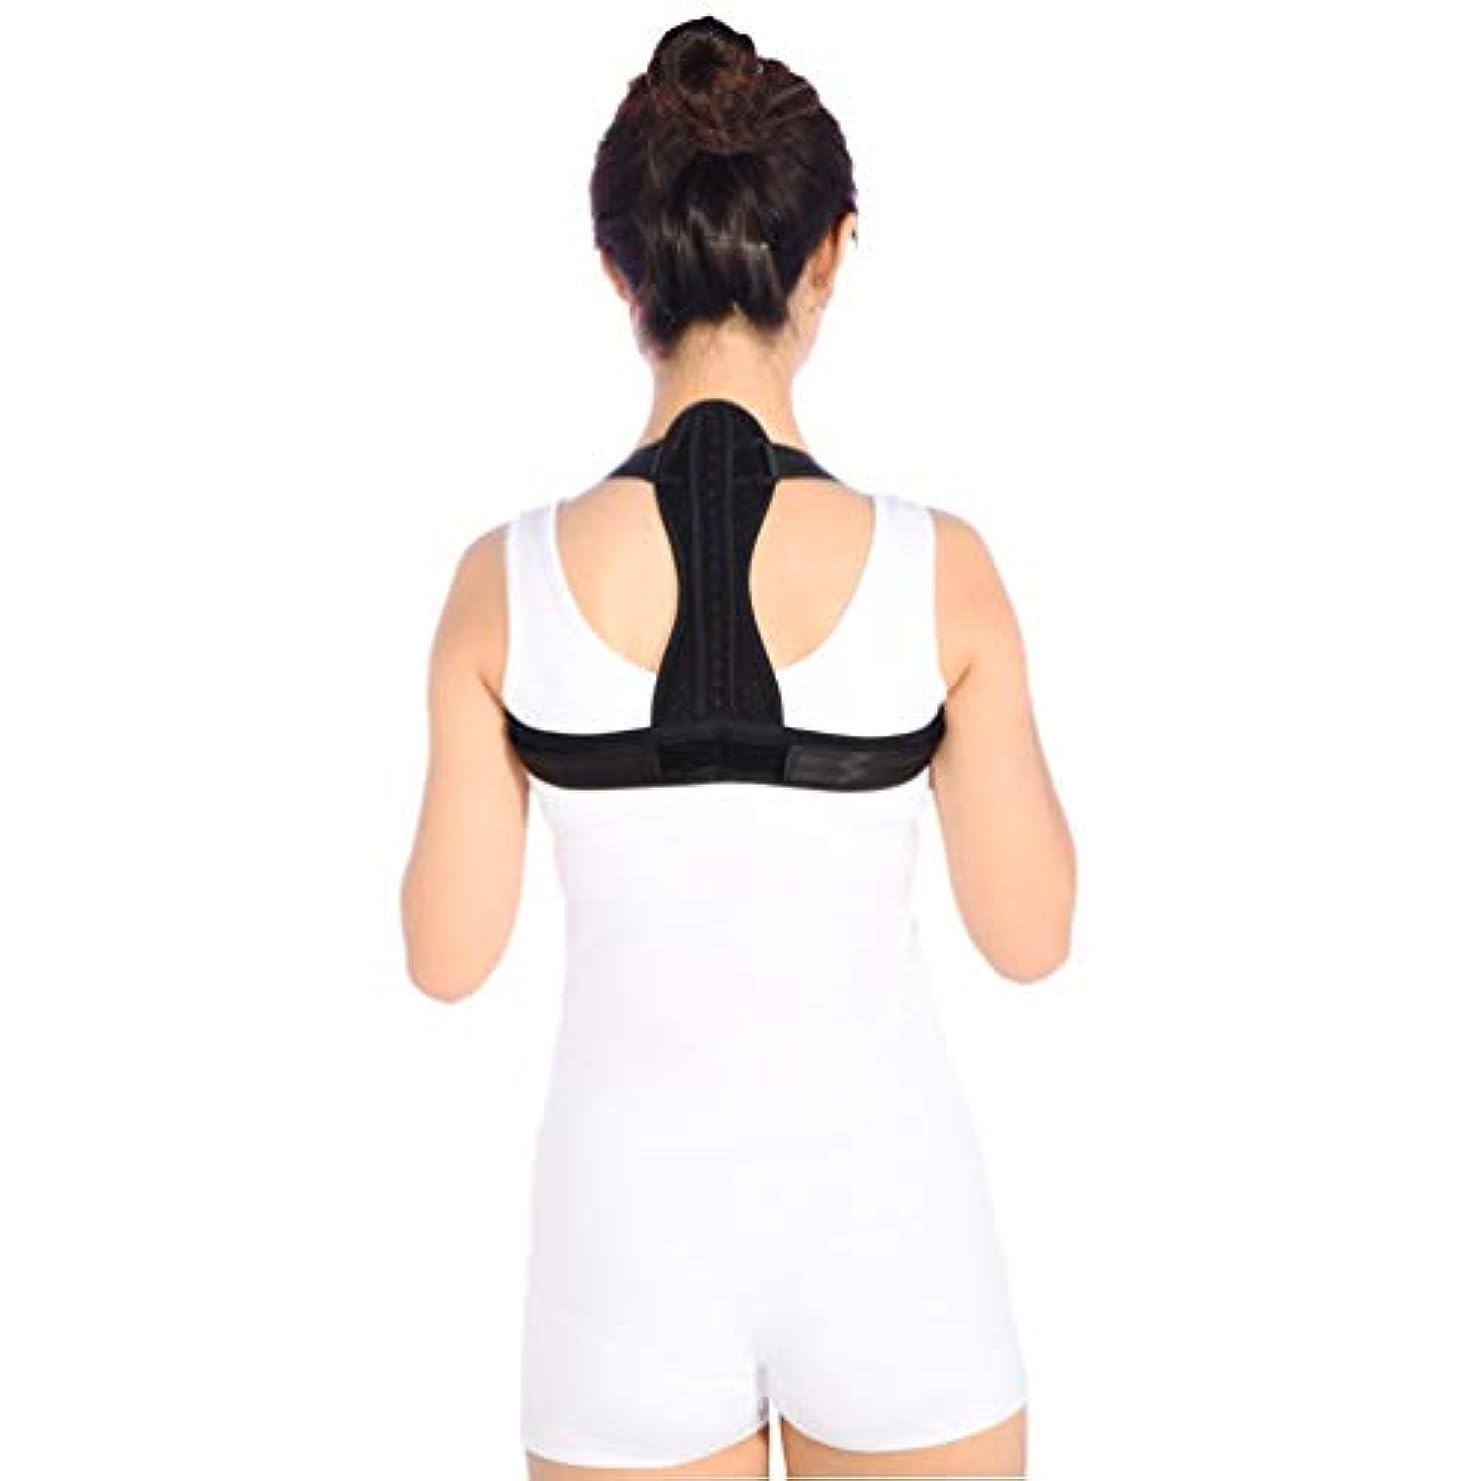 大脳港パット通気性の脊柱側弯症ザトウクジラ補正ベルト調節可能な快適さ目に見えないベルト男性女性大人学生子供 - 黒